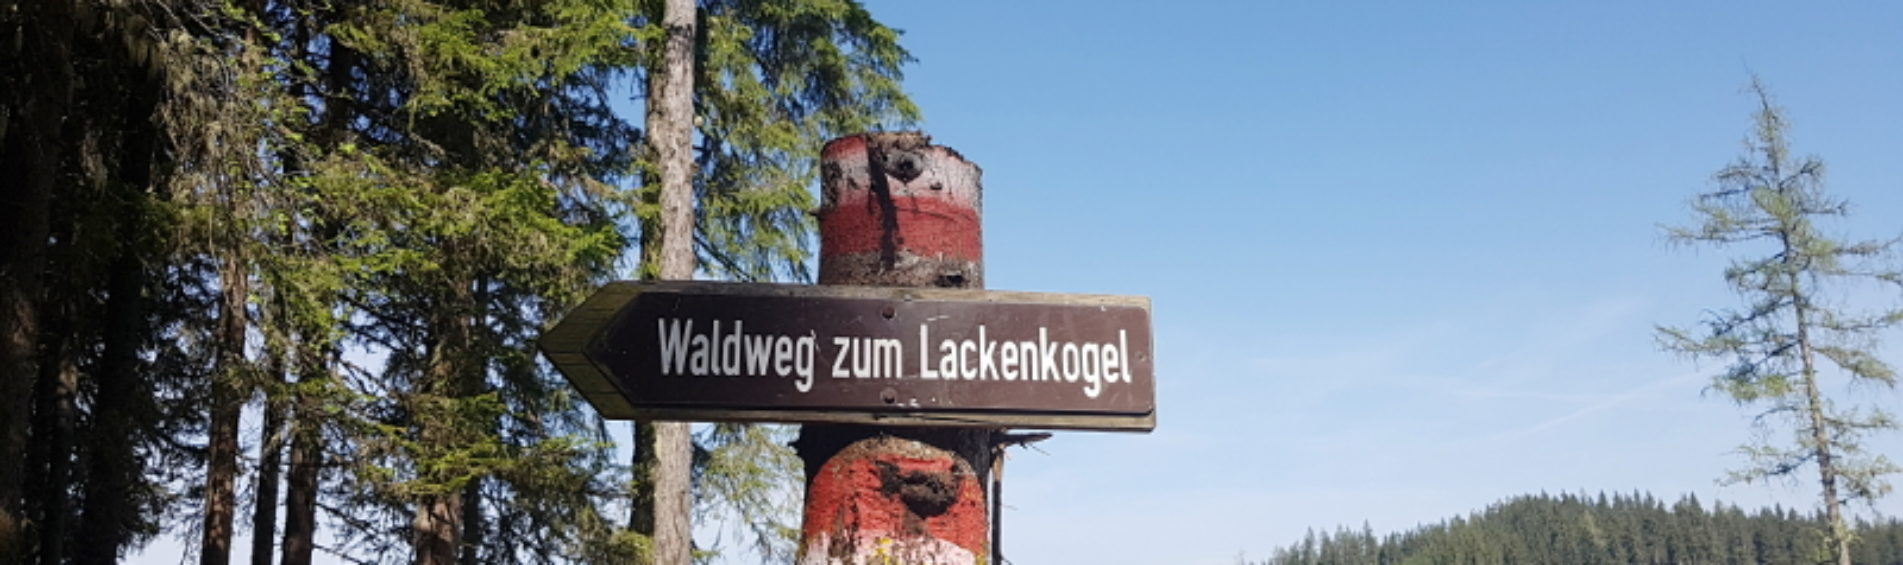 Gastblog: 3 leuke bergwandelingen in de omgeving van Flachau